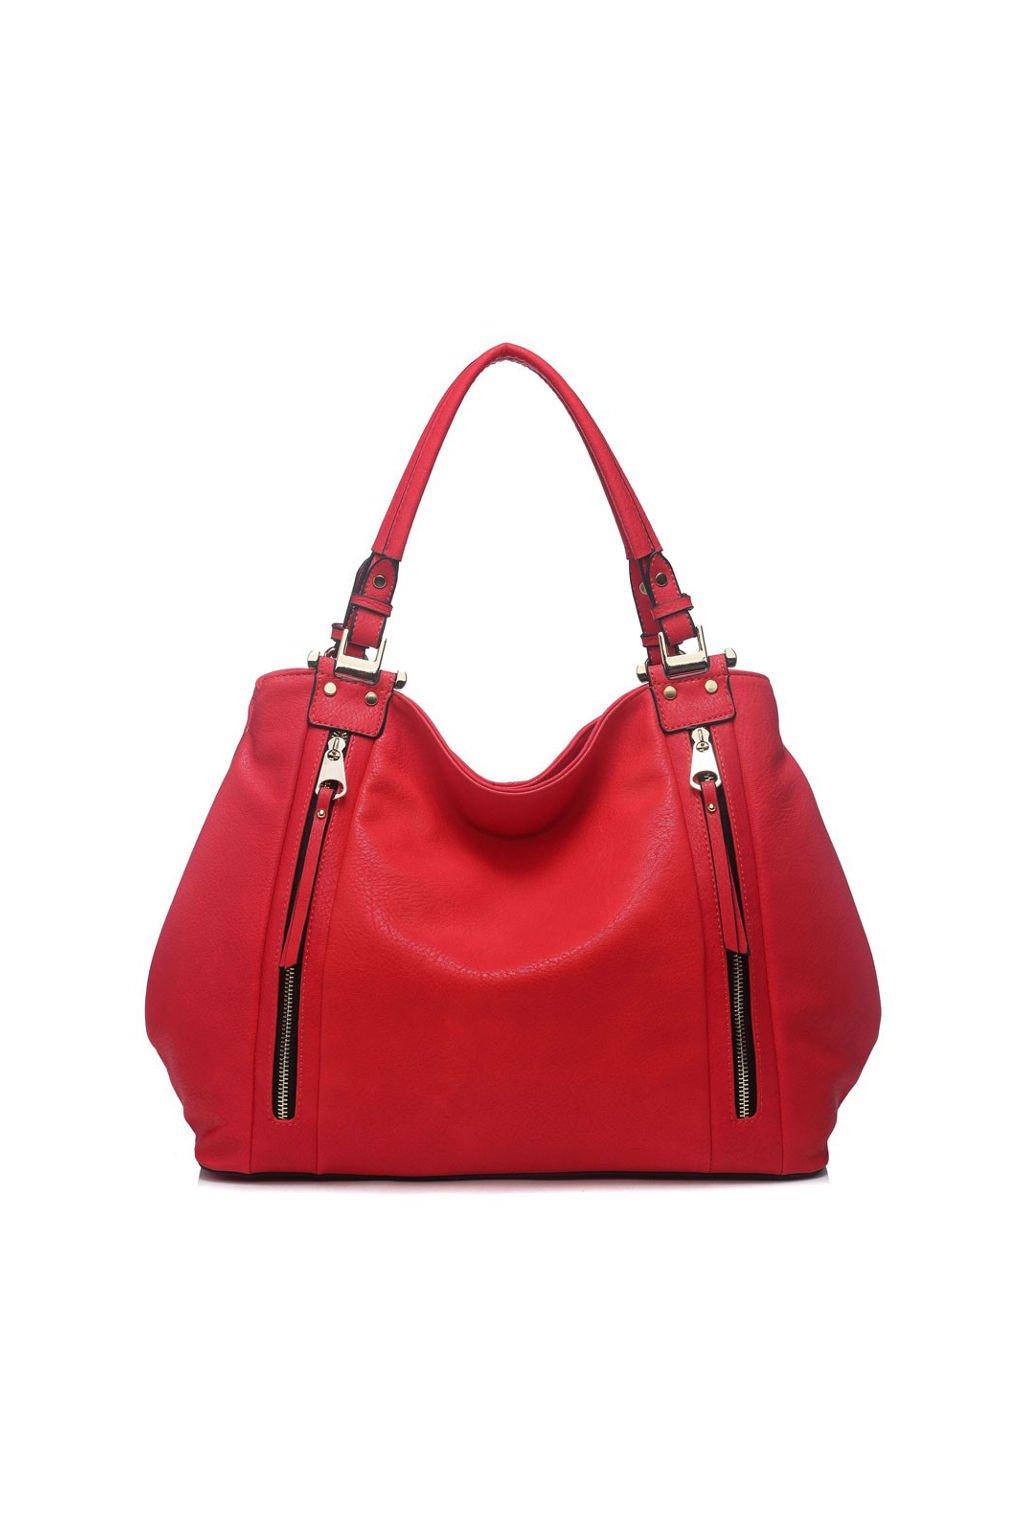 Červená kabelka na rameno Moda Handbag 8261